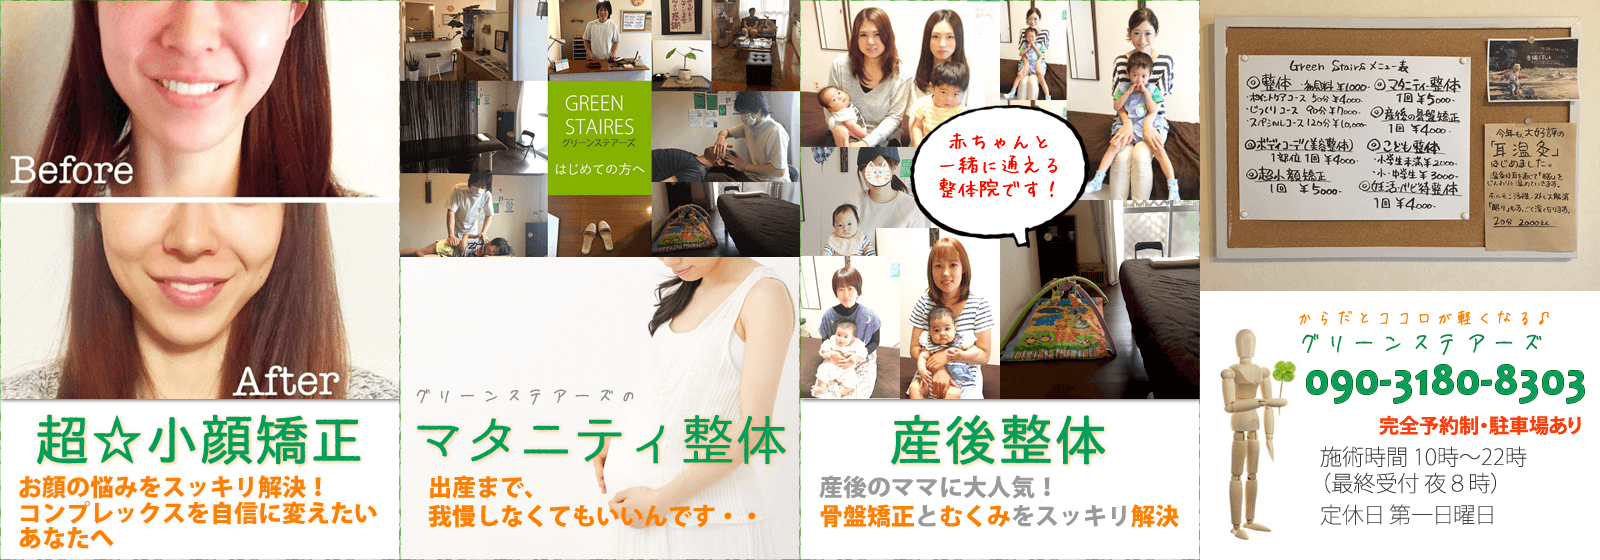 高松市の整体(妊婦さんもOK!)& 小顔矯正で結果を出す グリーンステアーズ